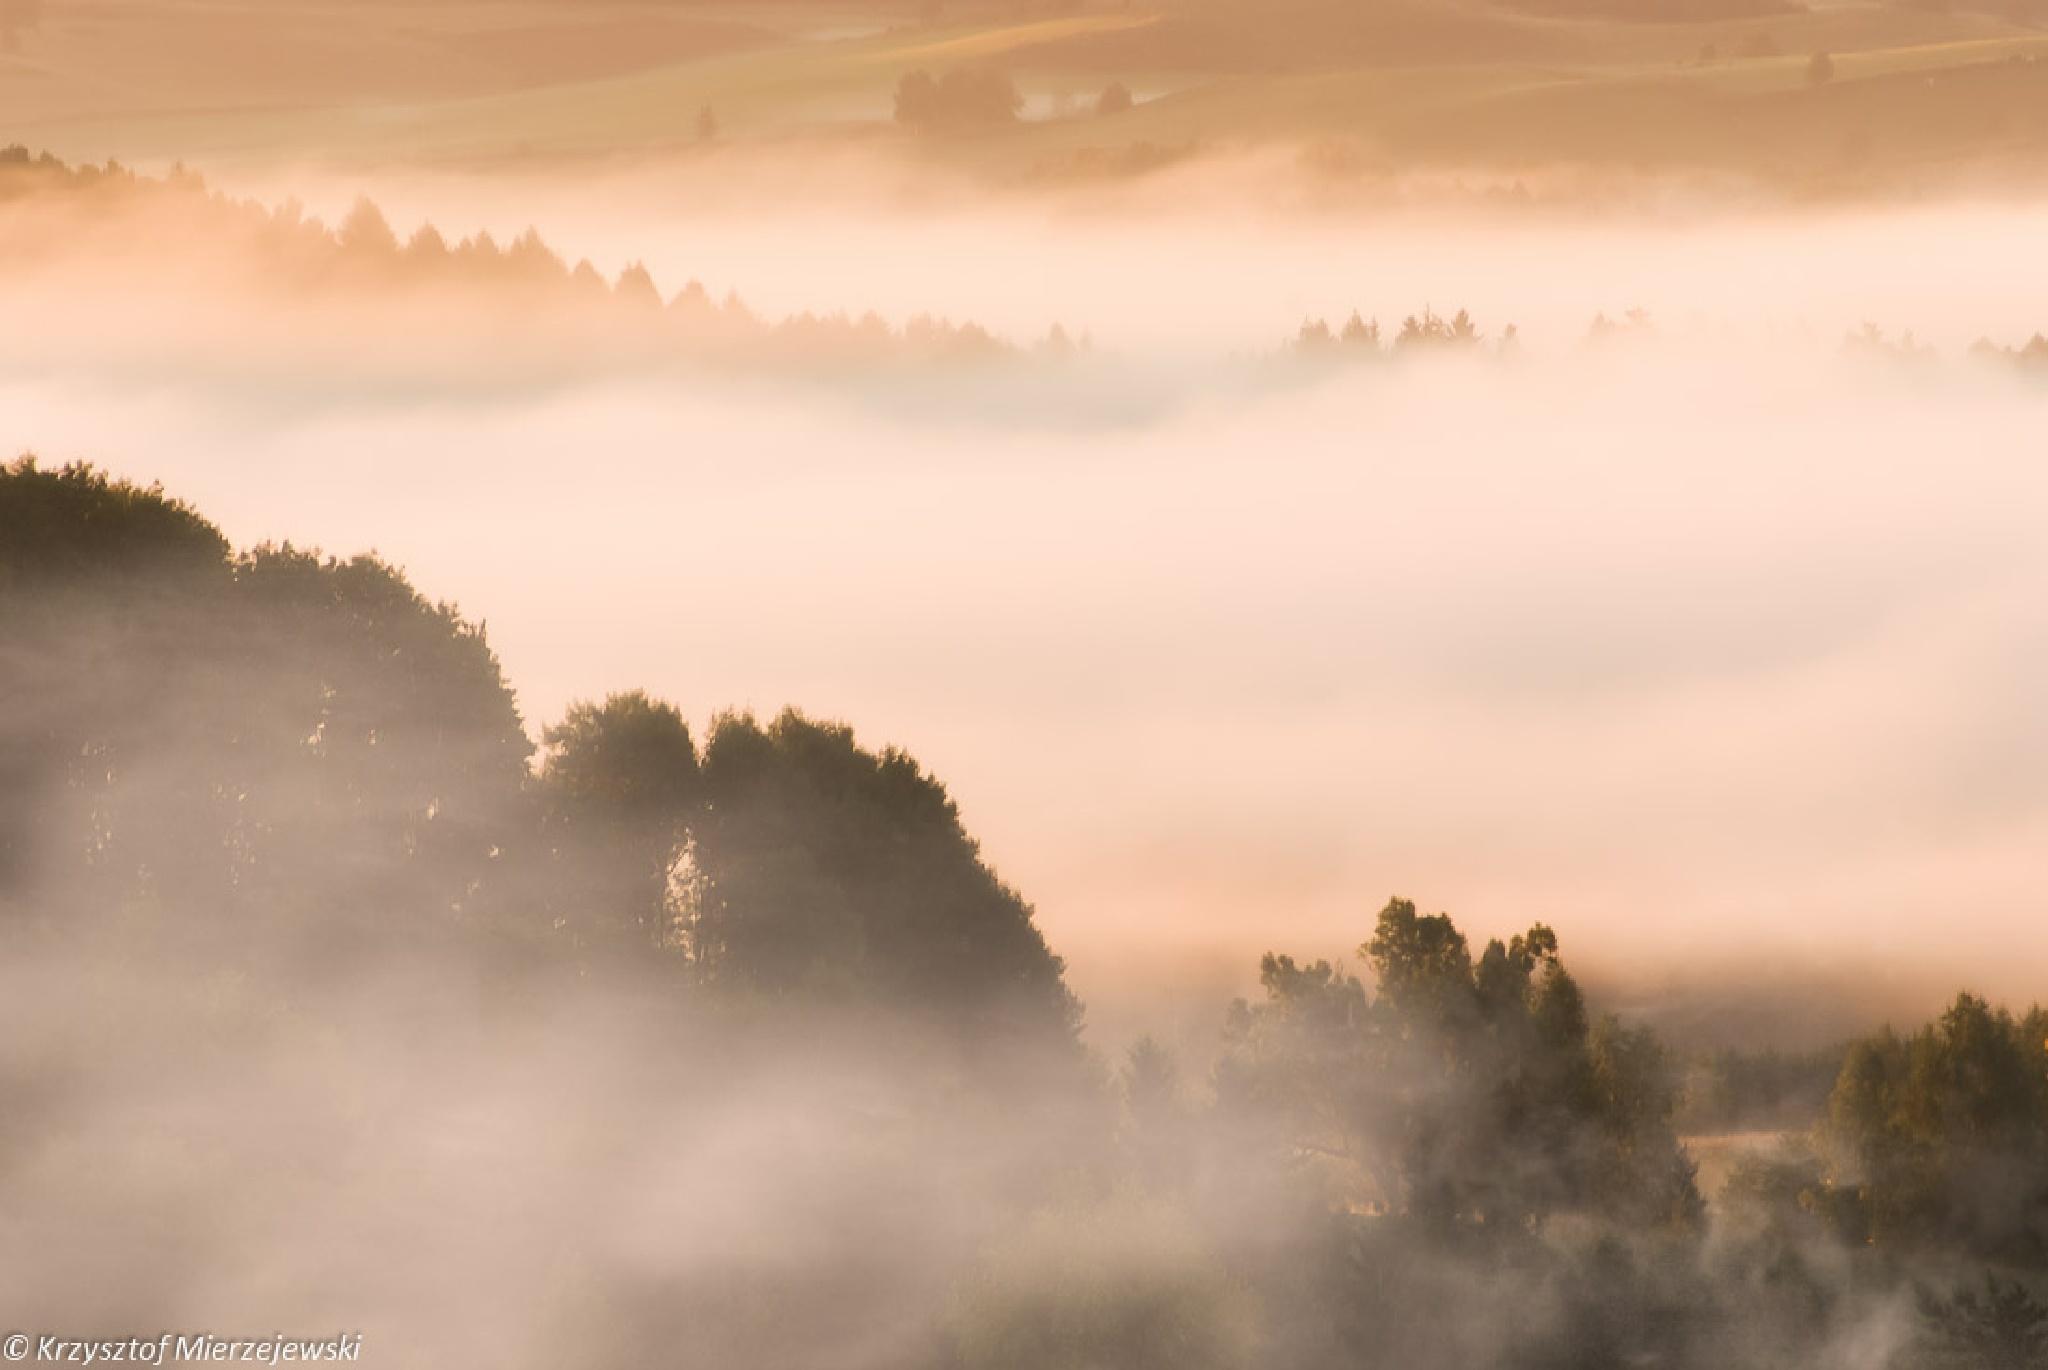 Misty morning by Krzysztof Mierzejewski